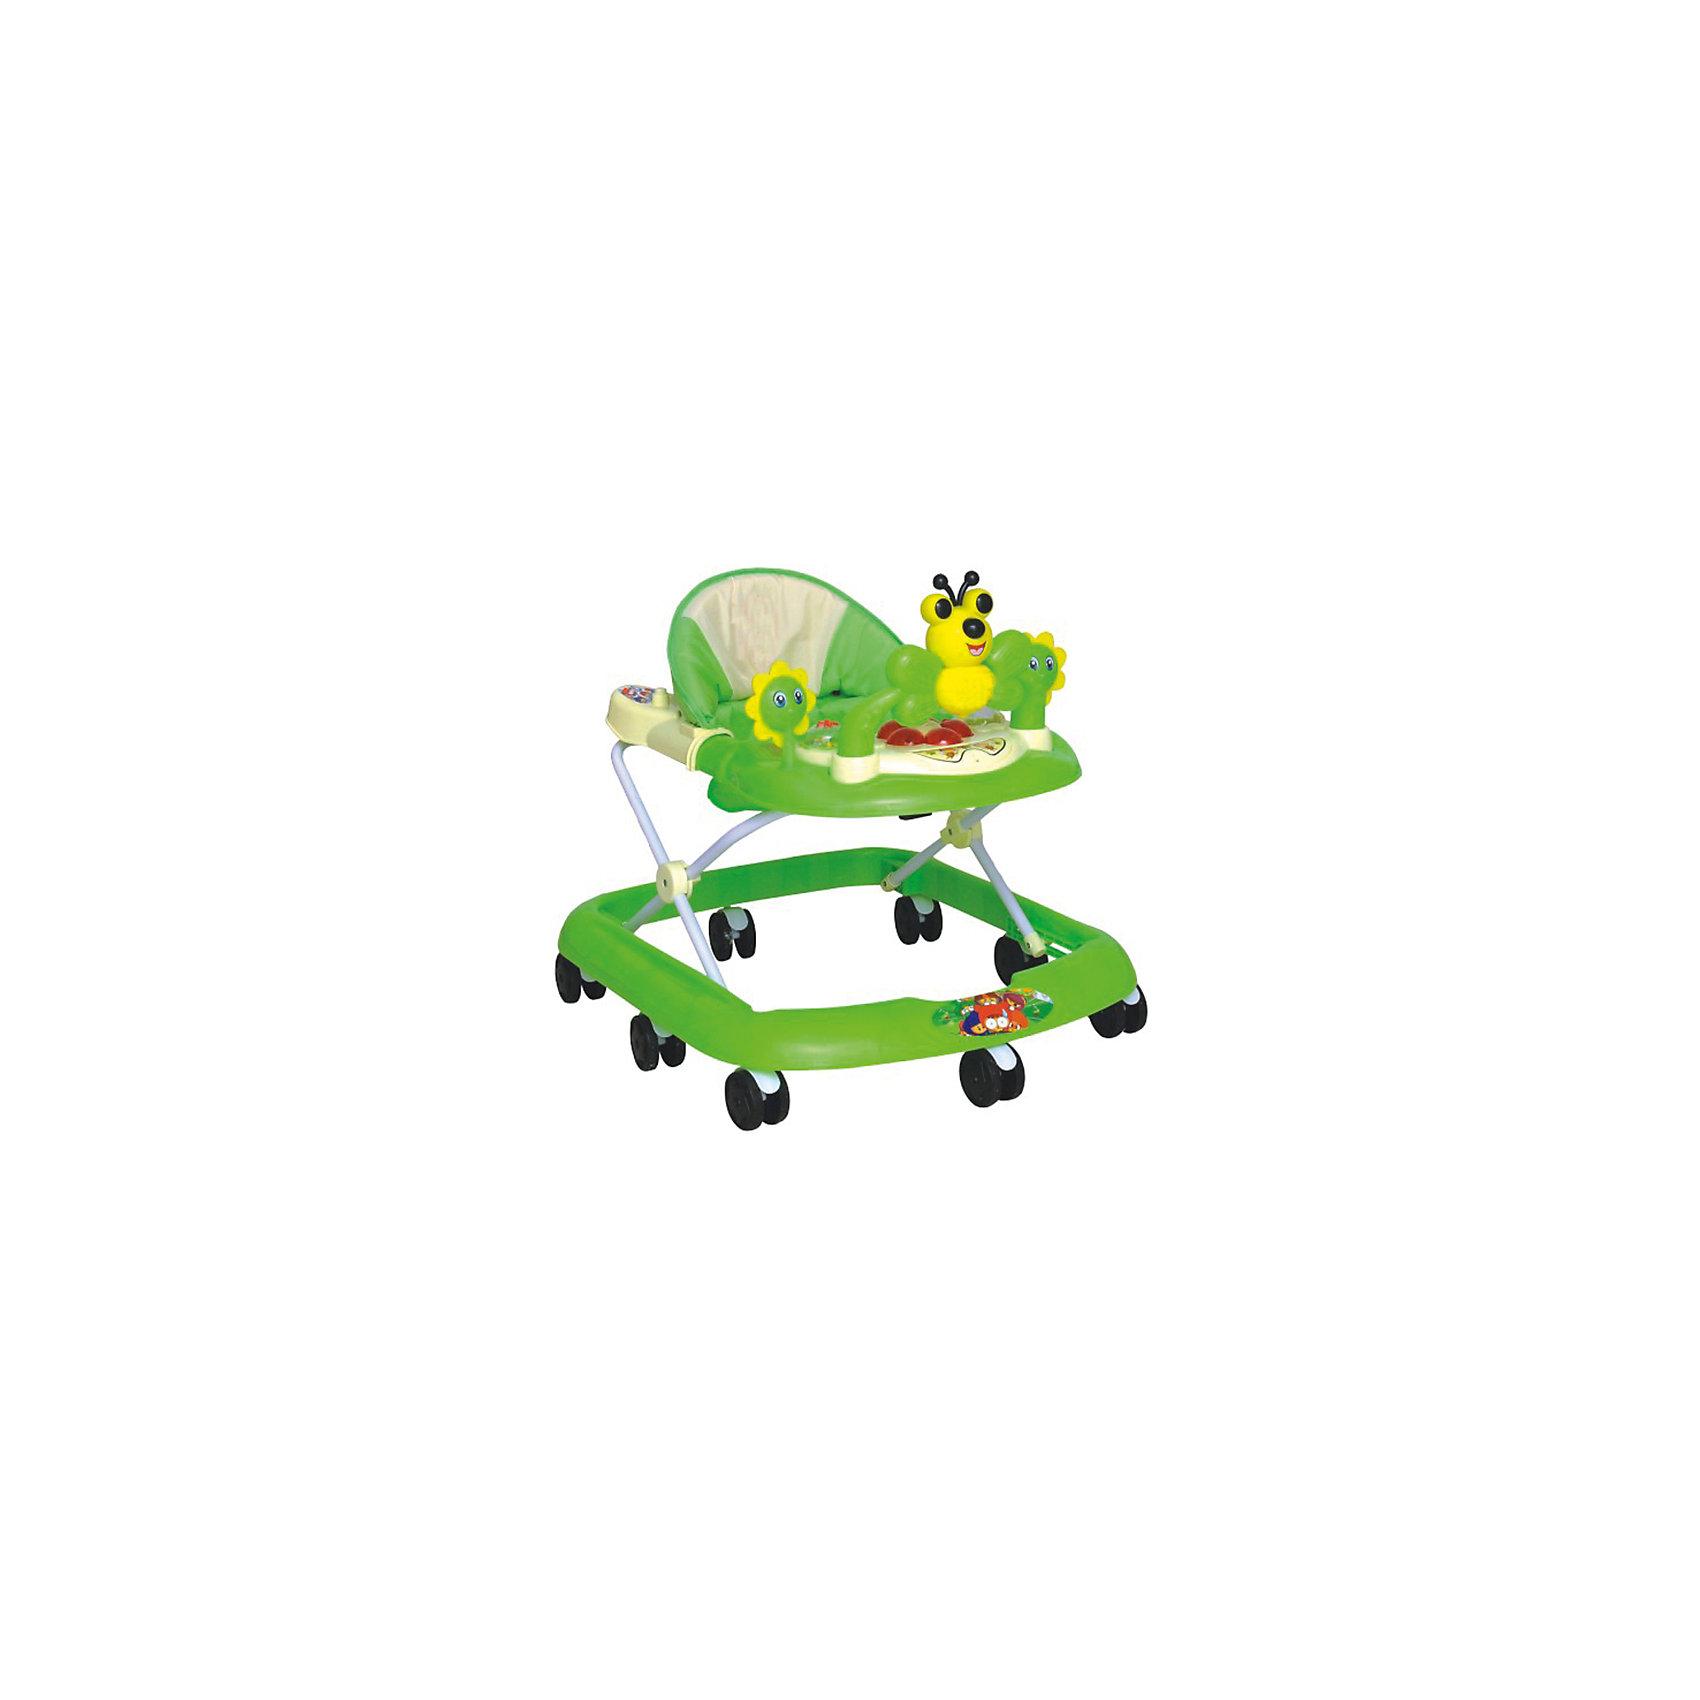 Ходунки Бабочка, Shine Ring, зеленыйХодунки<br>Характеристики товара:<br><br>• цвет: зеленый<br>• возраст: от 6 мес.<br>• нагрузка: не более 13кг<br>• 8 поворотных колес<br>• съемная игровая панель<br>• музыкальное сопровождение<br>• мягкое сиденье<br>• 3 положения высоты<br>• 2 батарейки типа (AA) (в комплект не входит)<br>• размеры: 67x60x62см<br>• вес: 3кг<br>• страна производства: Китай<br><br>Shine Ring Бабочка – ходунки для деток в возрасте от 6 месяцев до 13кг.<br><br>Они имеют широкое устойчивое основание, а также 8 сдвоенных колесиков, установленных по периметру, что делает простым управление для малыша и повышает мобильность этого первого детского транспорта. <br><br>При необходимости колесики блокируются стоппером.<br><br>Ходунки Бабочка, Shine Ring можно купить в нашем интернет-магазине.<br><br>Ширина мм: 670<br>Глубина мм: 600<br>Высота мм: 520<br>Вес г: 3600<br>Возраст от месяцев: 6<br>Возраст до месяцев: 12<br>Пол: Унисекс<br>Возраст: Детский<br>SKU: 5559217